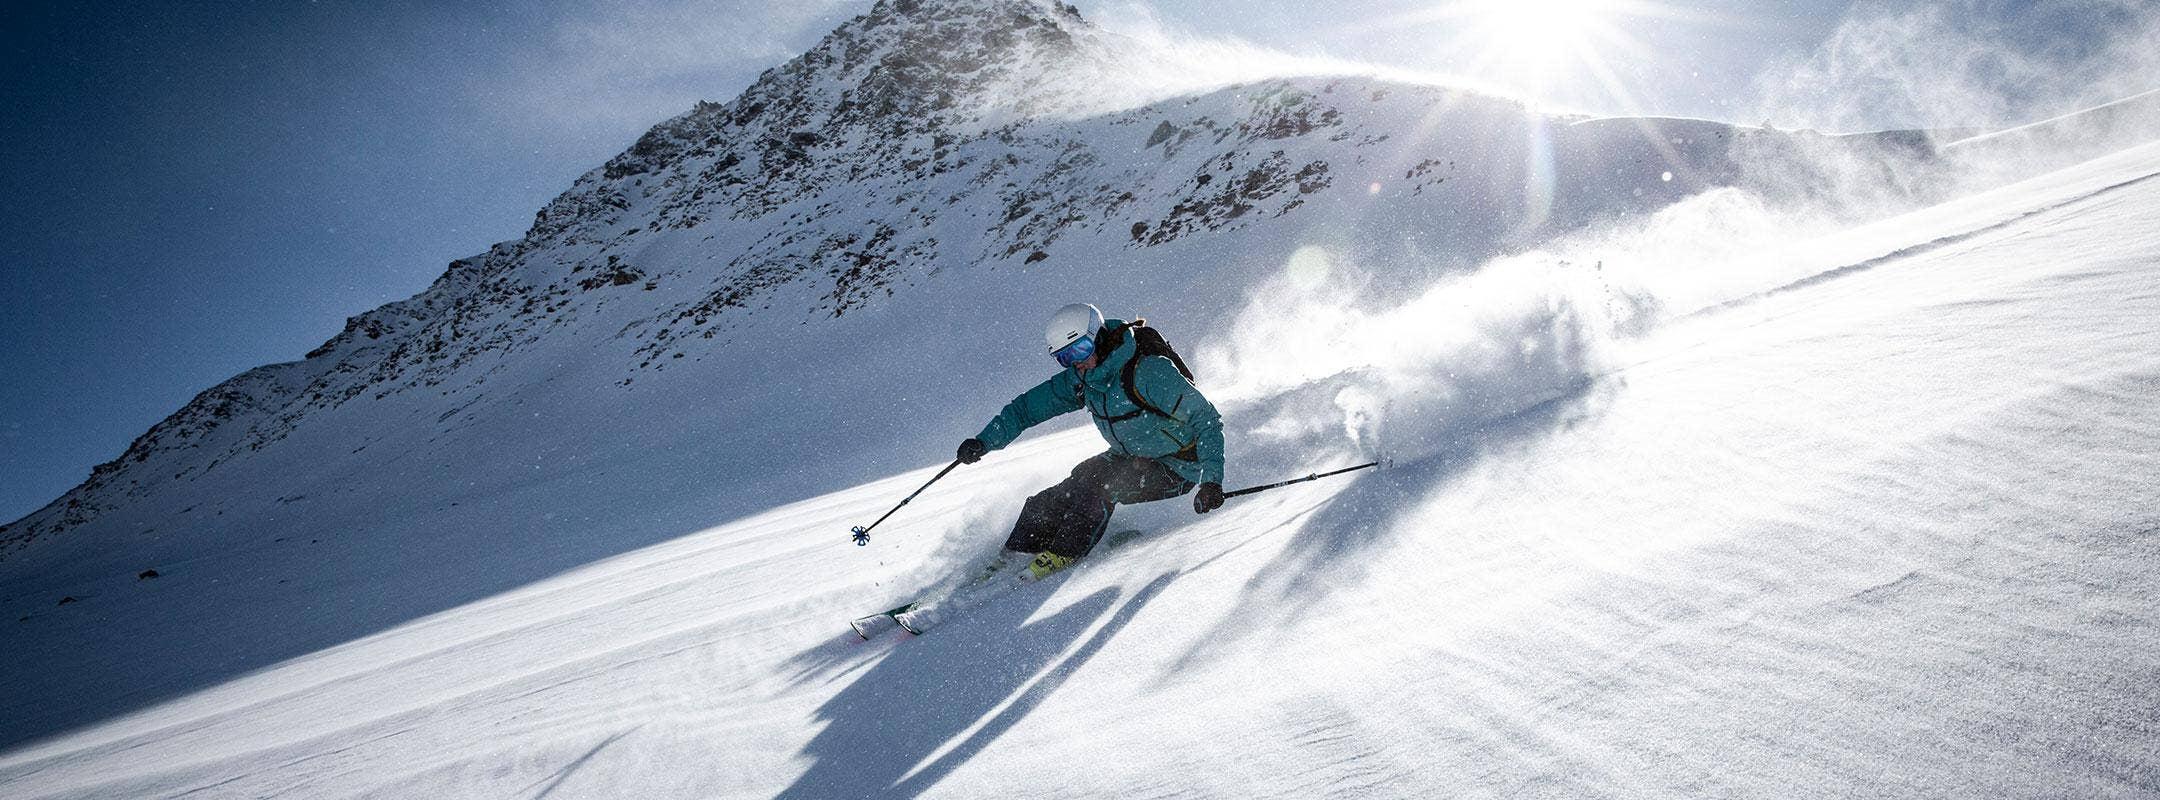 Meet the Rab Ski Athlete Team